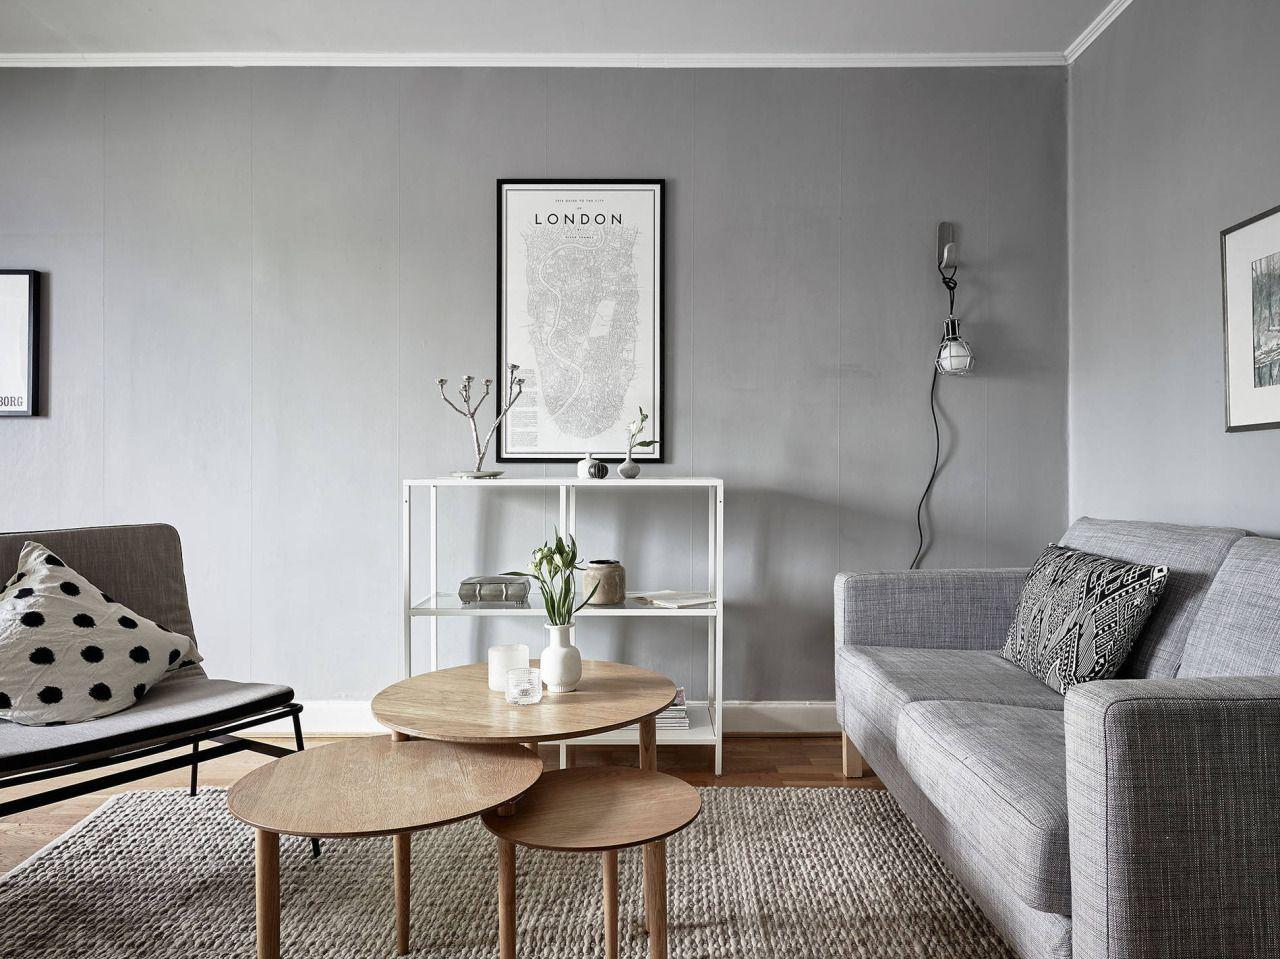 Wohnzimmertisch Ikea ~ Regal mit tisch ikea regal ivar mit tisch indoor décor first